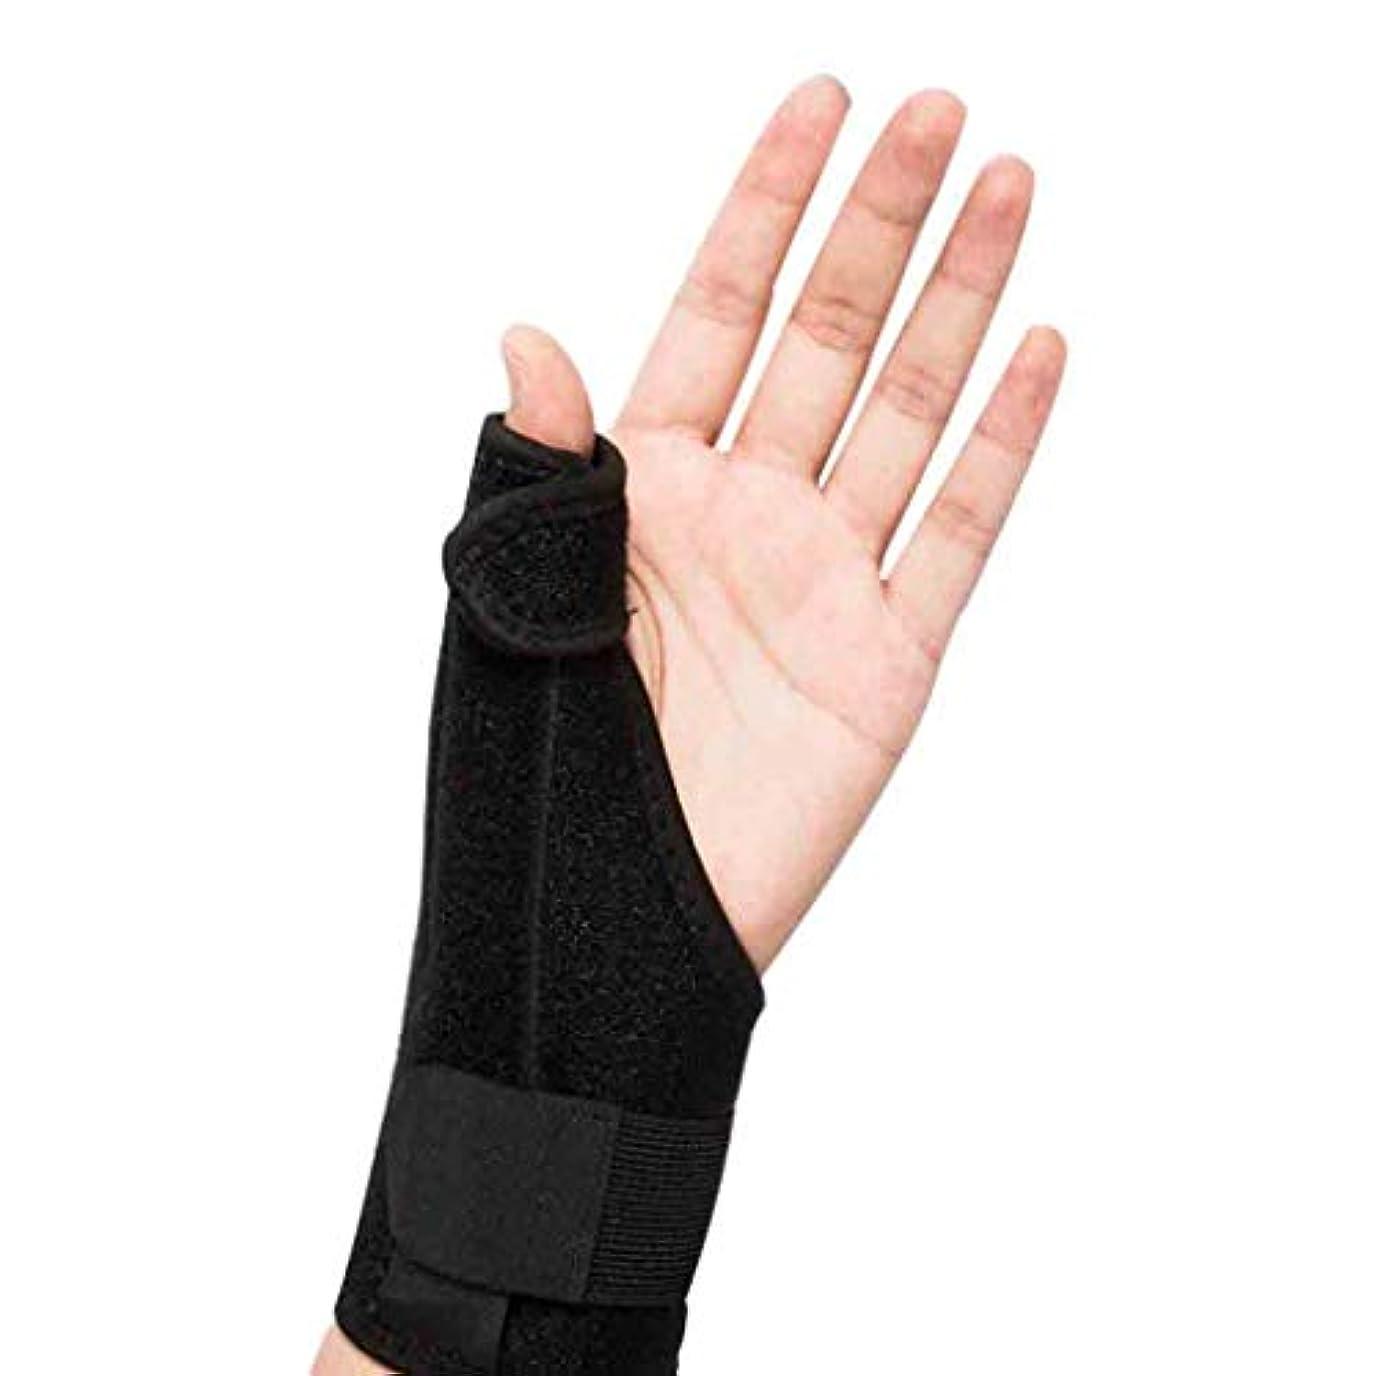 理容師必要条件灌漑ThumbスプリントトリガーThumb腱鞘炎Wristband関節炎トリートメントThumb捻挫の関節を固定&安定化するブレース Roscloud@